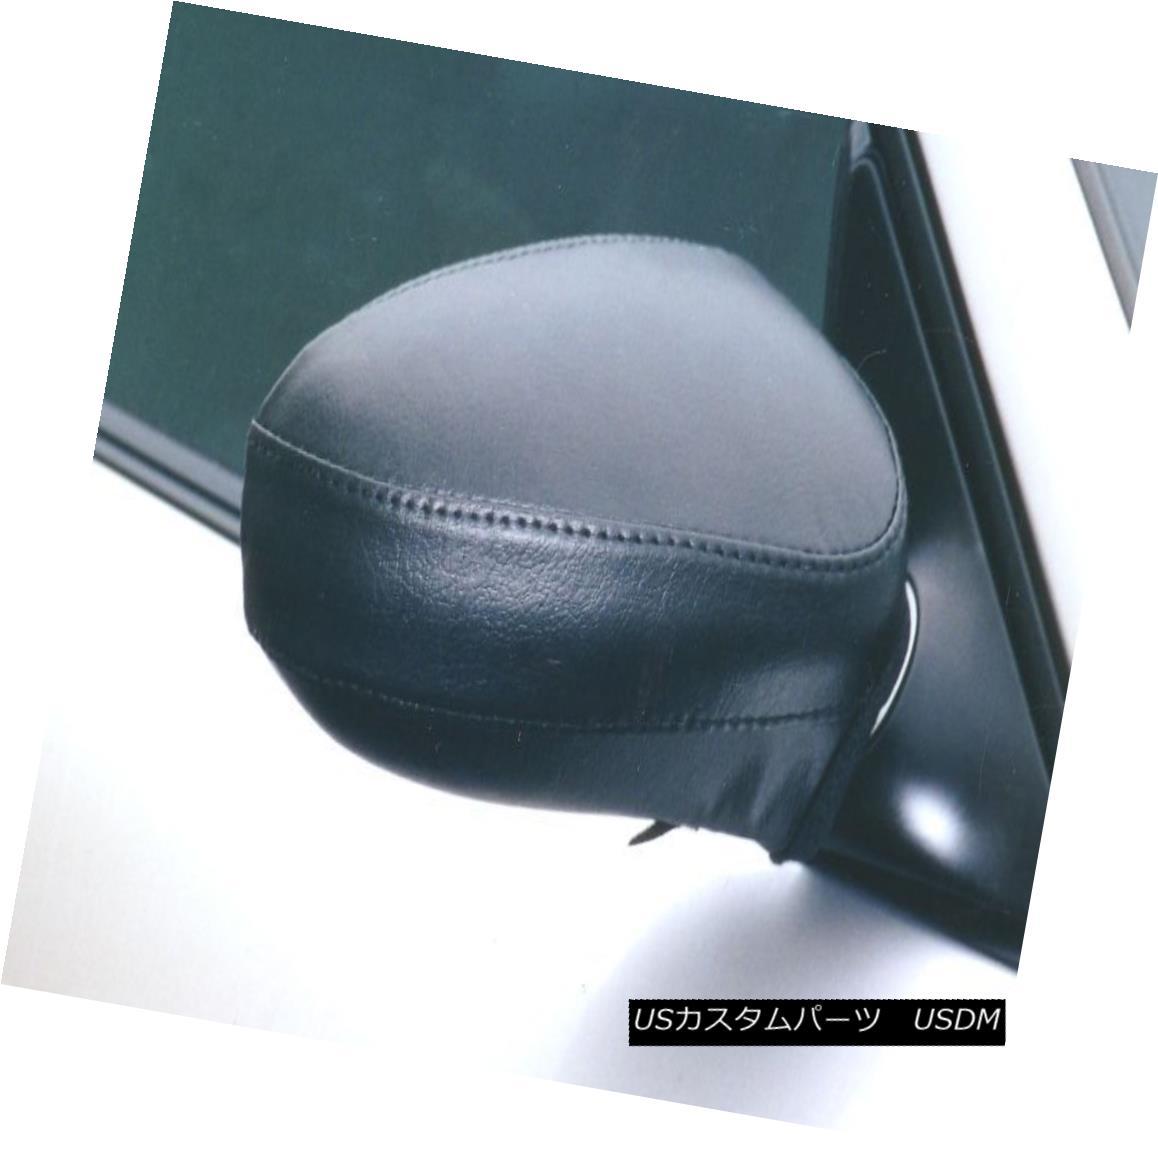 フルブラ ノーズブラ Colgan Car Mirror Covers Bra Black Fits 1999-2002 Porsche 996 コルガン車のミラーカバーブラブラックフィット1999-2002ポルシェ996